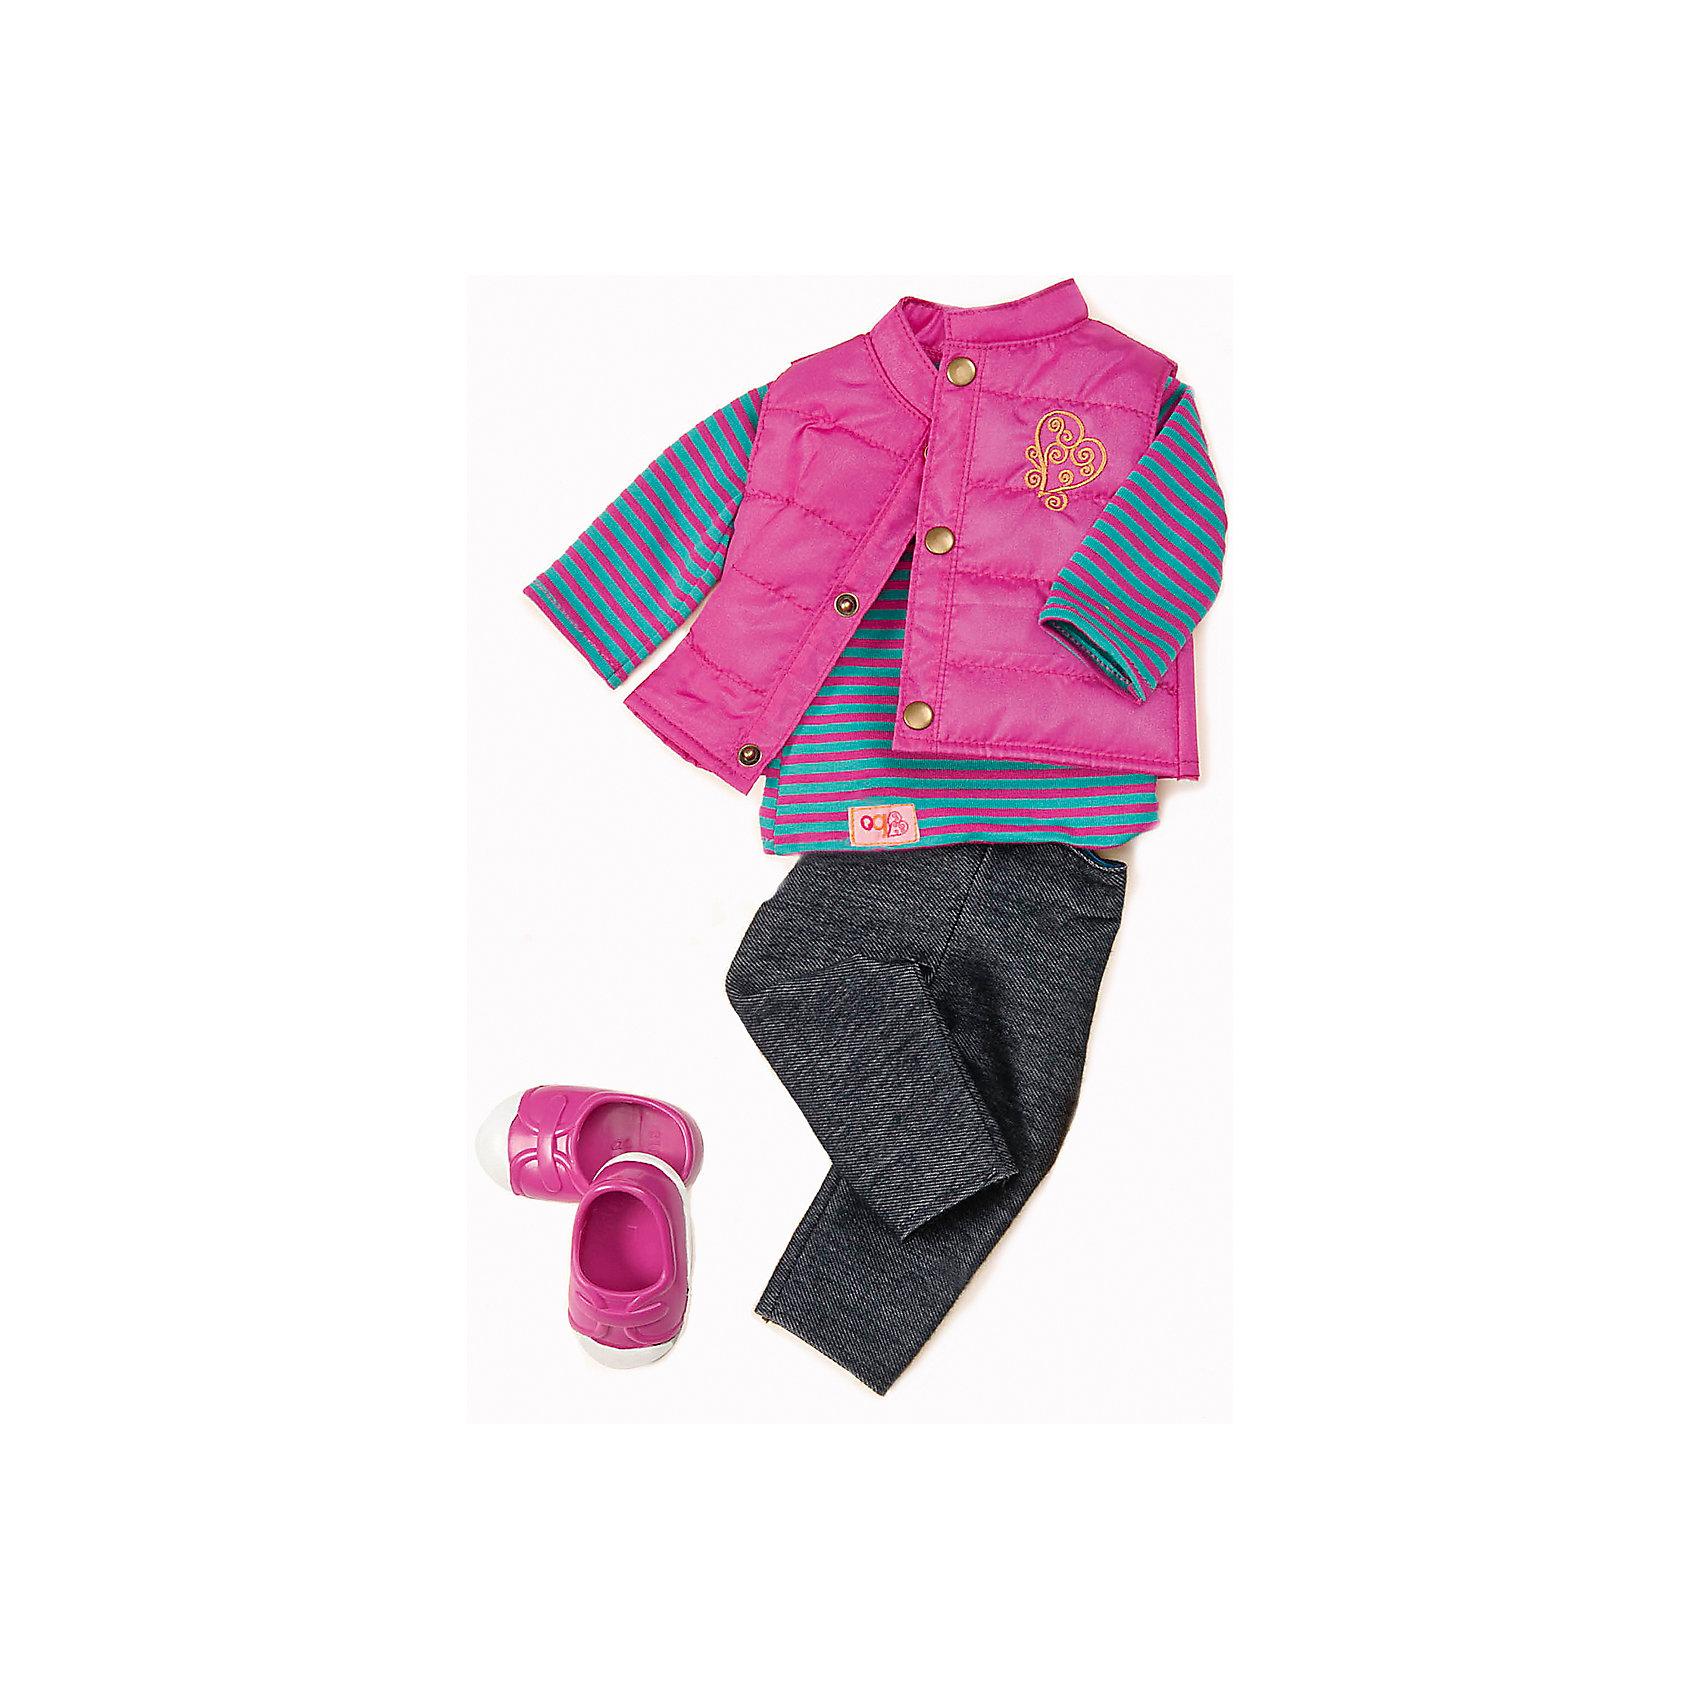 Одежда для куклы, 46 см, Our Generation DollsОдежда для куклы, 46 см, Our Generation Dolls (Куклы нашего поколения).  Our Generation Dolls (Куклы нашего поколения) ? канадская торговая марка компании Battat, которая выпускает экологически безопасных кукол и аксессуары к ним. Комплект одежды предназначен для куклы одноименной марки ростом 46 см, состоит из кофточки в розово-бирюзовую полоску, розовый стеганы жилет с аппликацией на боку, жилет застегивается на кнопки, штанишки и розово-белые кроссовки. На одежде с левой стороны имеются фирменные лейблы. Весь комплект выполнен из материалов высокого качества, с ровными тщательно обработанными краями.<br>Реалистичность элементов одежды позволяет отработать навыки застегивания-расстегивания разного вида застежек, воспитывает аккуратность и опрятность во внешнем виде.  Одежда для куклы, 46 см, Our Generation Dolls (Куклы нашего поколения) ? идеальное решение для подарка девочке на любой праздник. Комплект одежды упакован в картонную коробку, которая трансформируется в подарочный вариант.<br><br>Дополнительная информация:<br><br>- Вид игр: сюжетно-ролевые<br>- Предназначение: для дома<br>- Материал: качественный текстиль<br>- Размер: на куклу Our Generation Dolls ростом 46 см<br>- Комплектация: кофточка, куртка-жилет, штанишки, туфли, каталог одежды<br>- Цвет: розовый, бирюзовый, белый<br>- Особенности ухода: разрешается ручная стирка<br><br>Подробнее:<br><br>• Для детей в возрасте: от 3 лет<br>• Страна производитель: Китай<br>• Торговый бренд: Our Generation Dolls<br><br>Одежду для куклы, 46 см, Our Generation Dolls (Куклы нашего поколения) можно купить в нашем интернет-магазине.<br><br>Ширина мм: 22<br>Глубина мм: 4<br>Высота мм: 33<br>Вес г: 280<br>Возраст от месяцев: 36<br>Возраст до месяцев: 2147483647<br>Пол: Унисекс<br>Возраст: Детский<br>SKU: 4871818